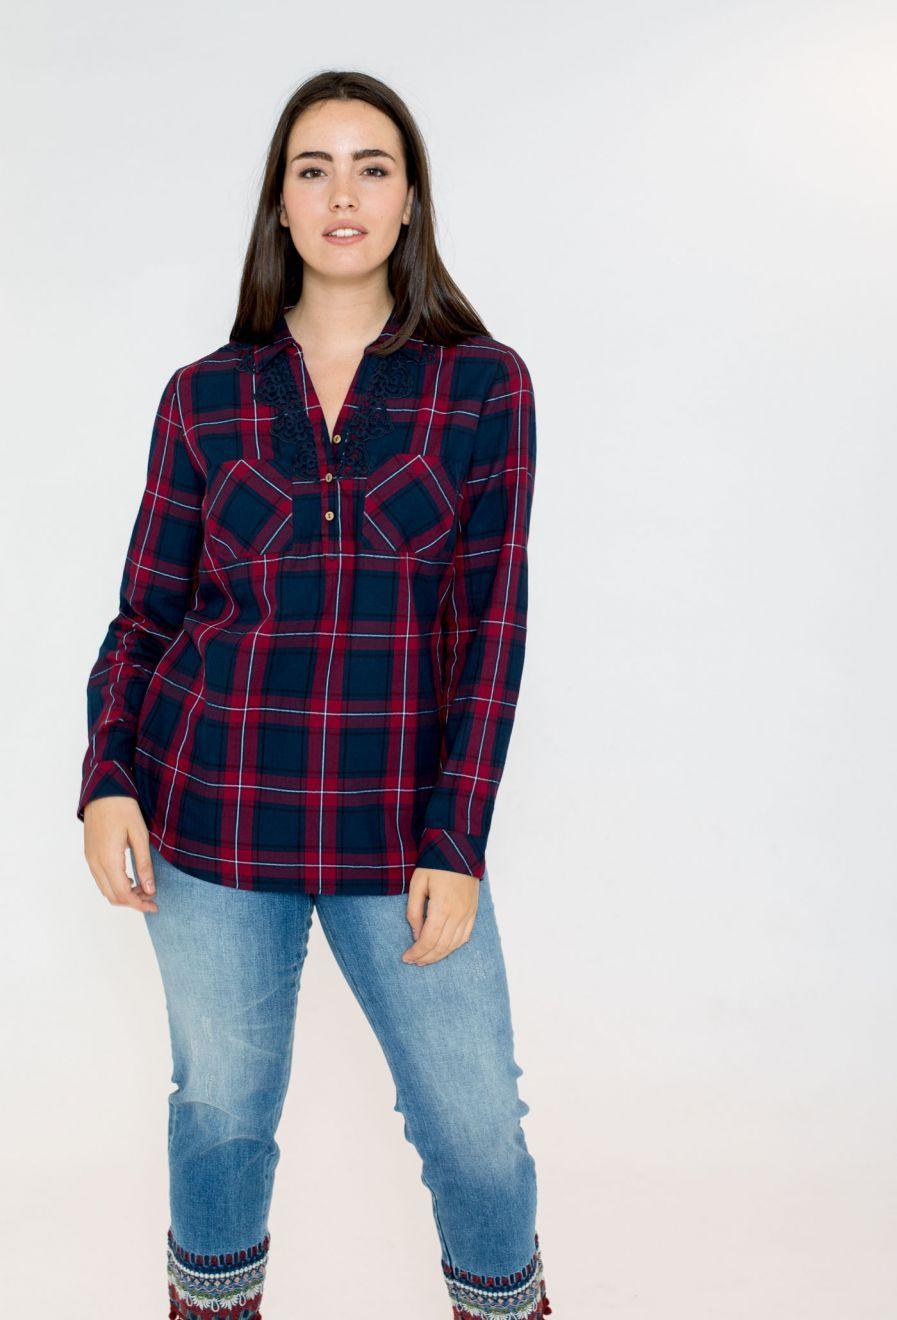 Camisa Cuadros Encaje Tallas Grandes October Camisa De Cuadros Camisas Tiendas De Ropa